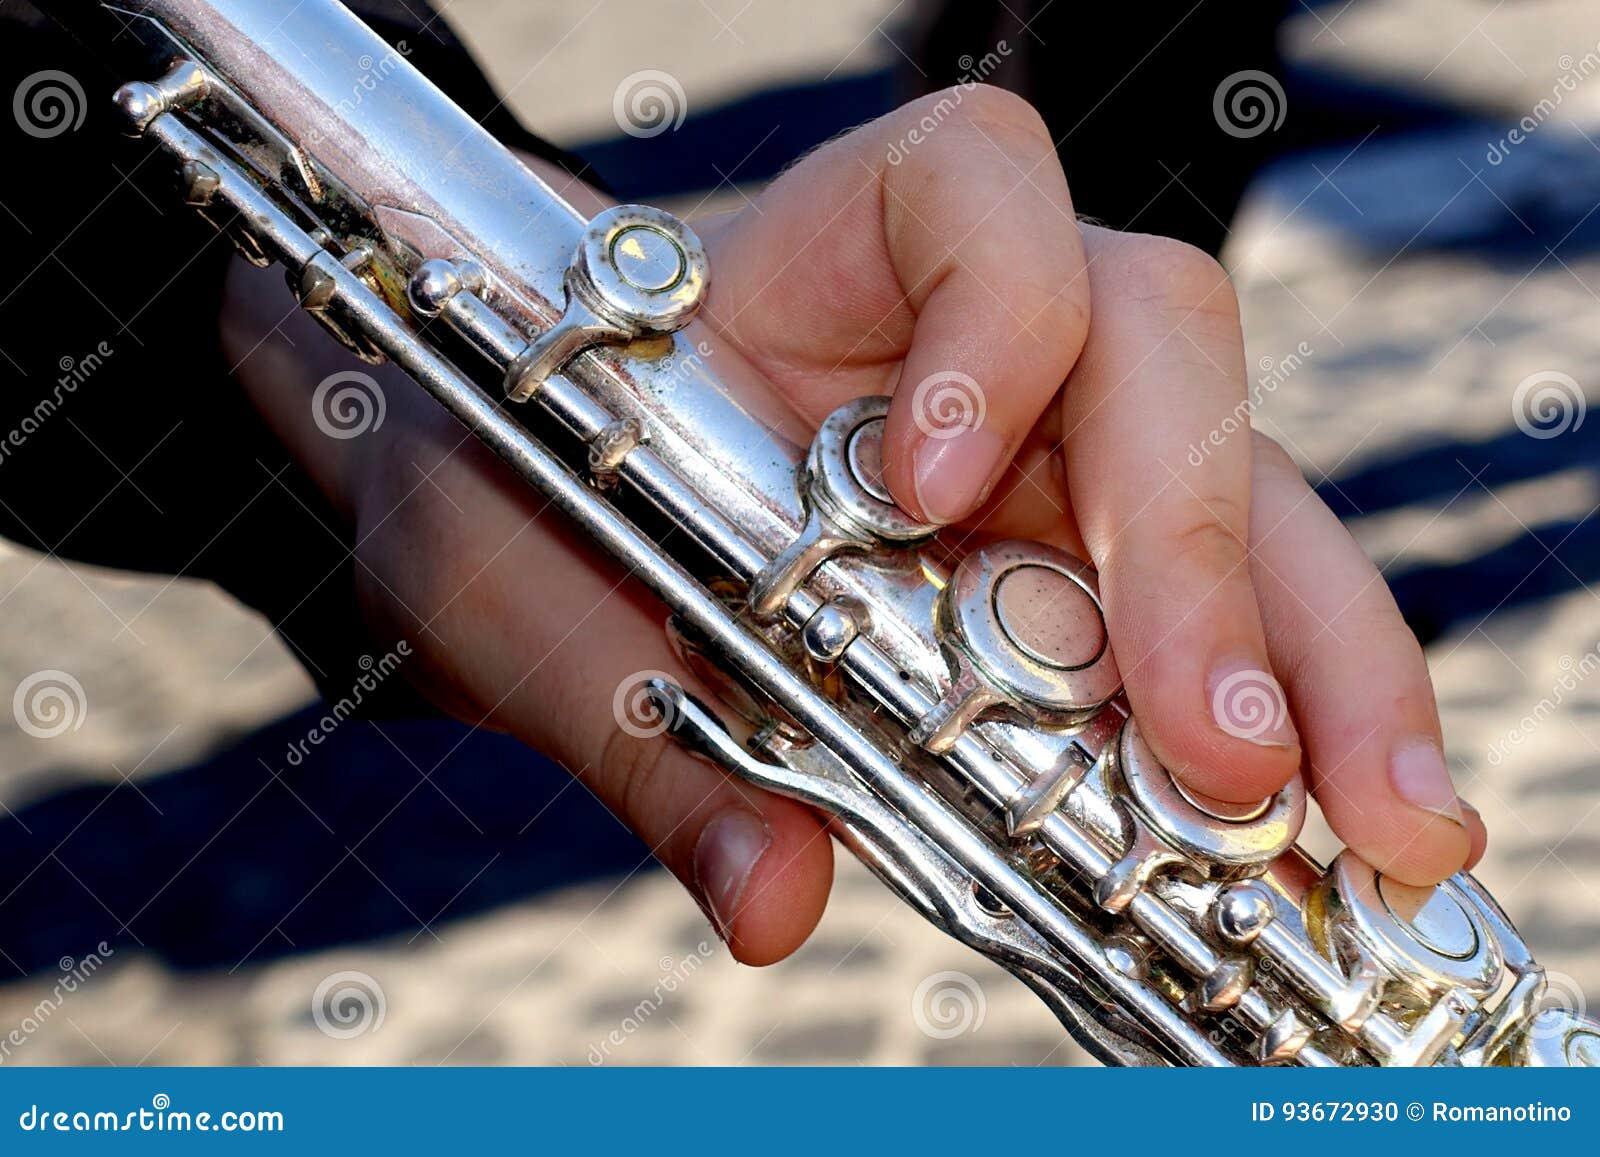 演奏一支横向长笛的手